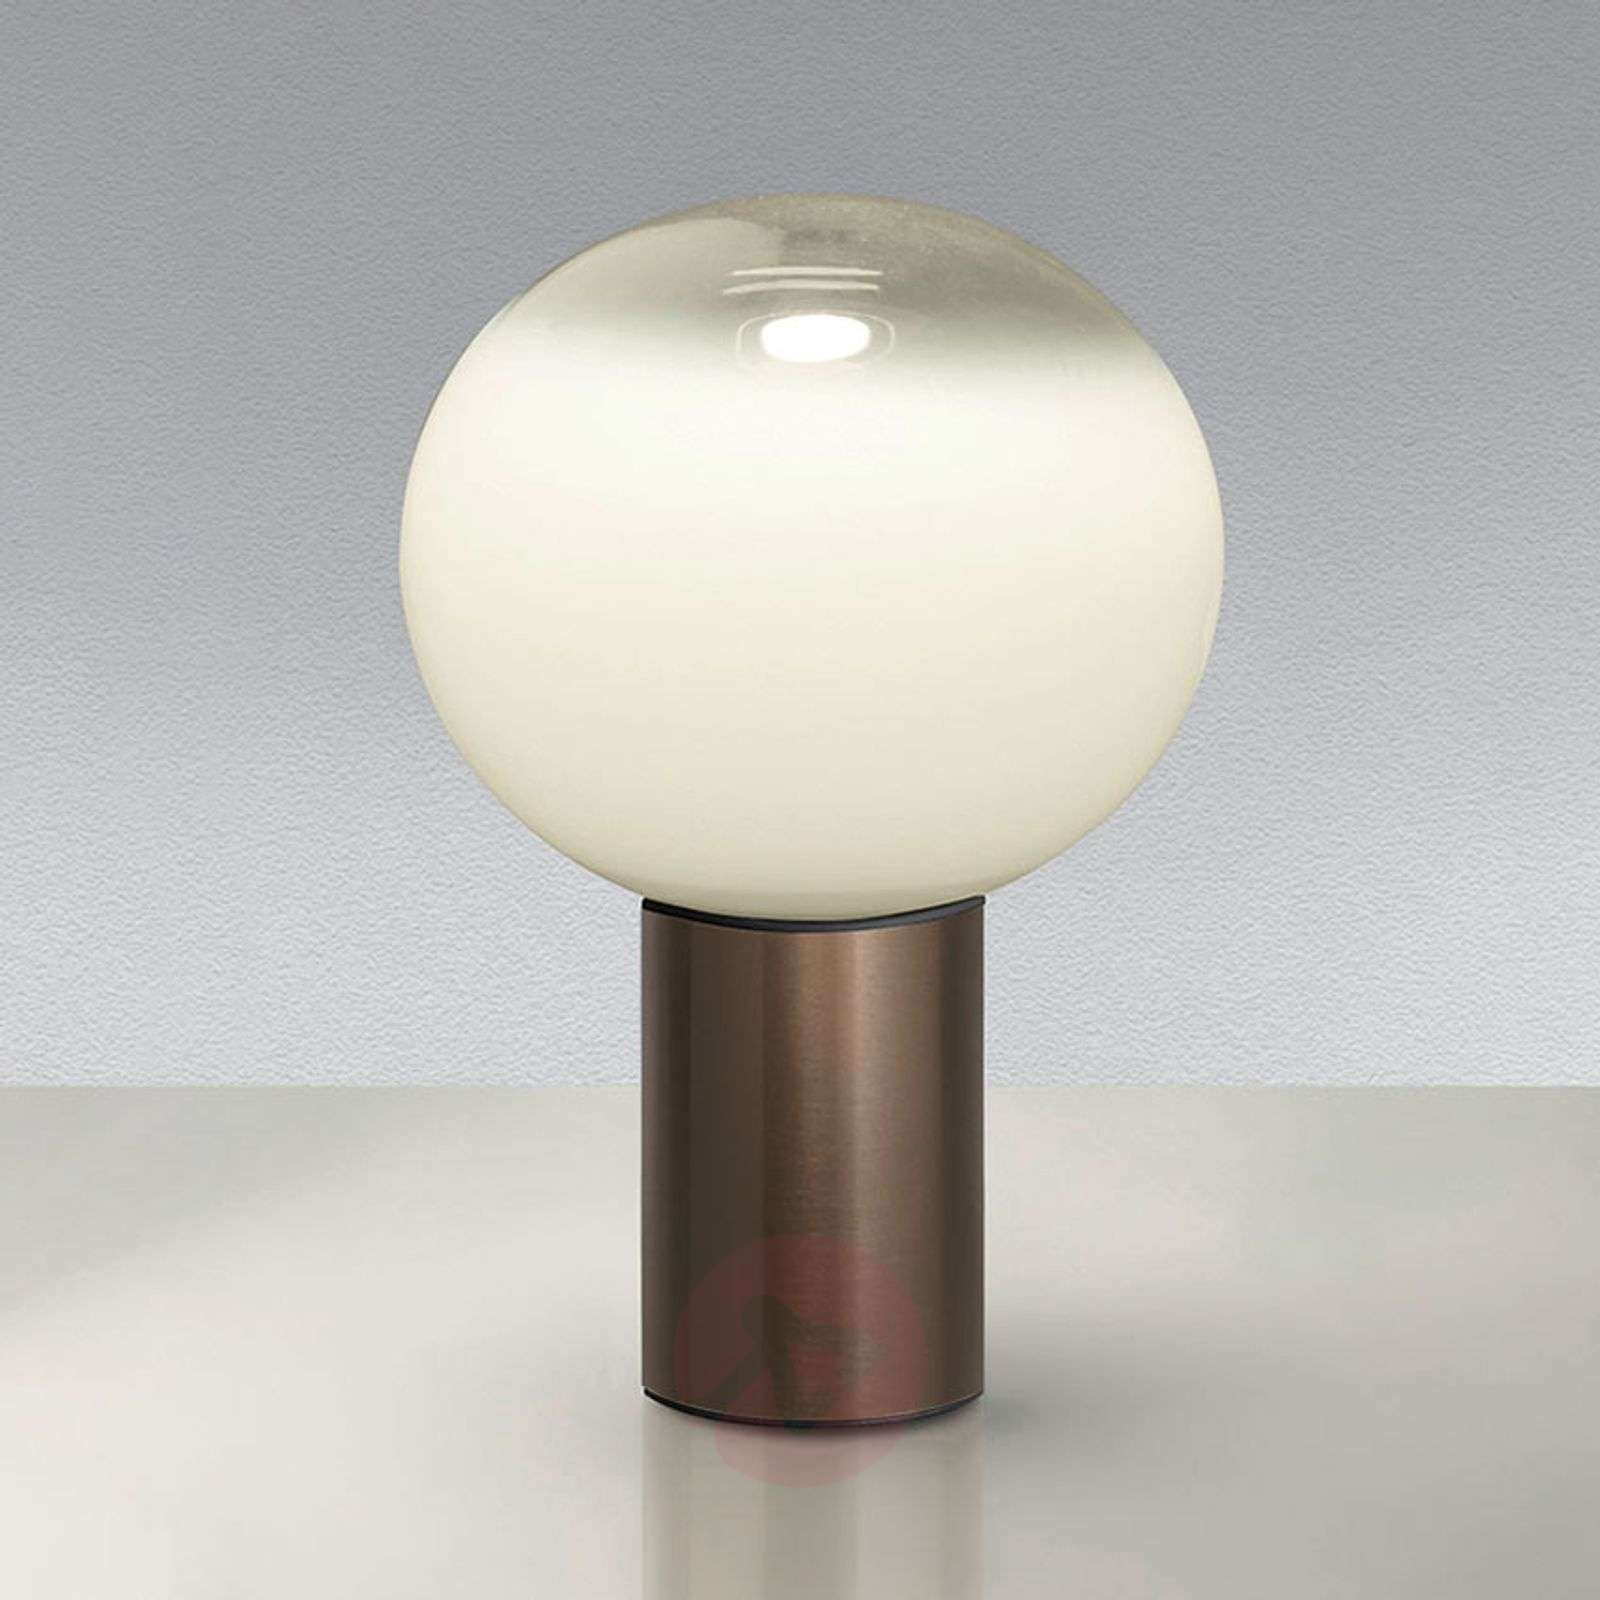 Artemide Laguna 16 table lamp-1060172X-01